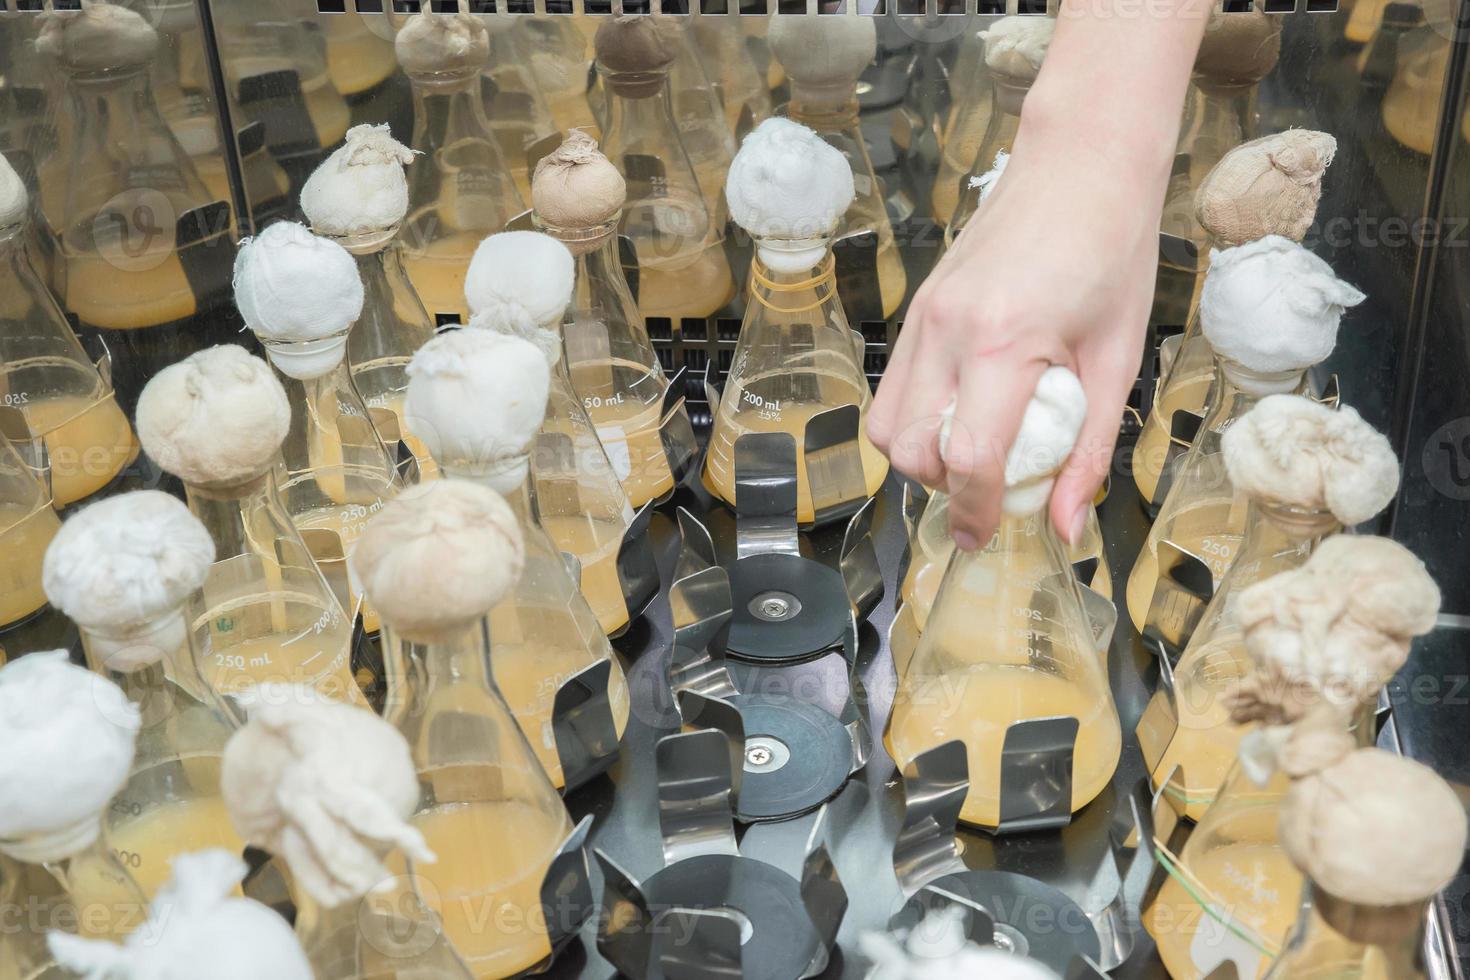 Kulturkolben im Labor-Reagenzglasschüttler foto